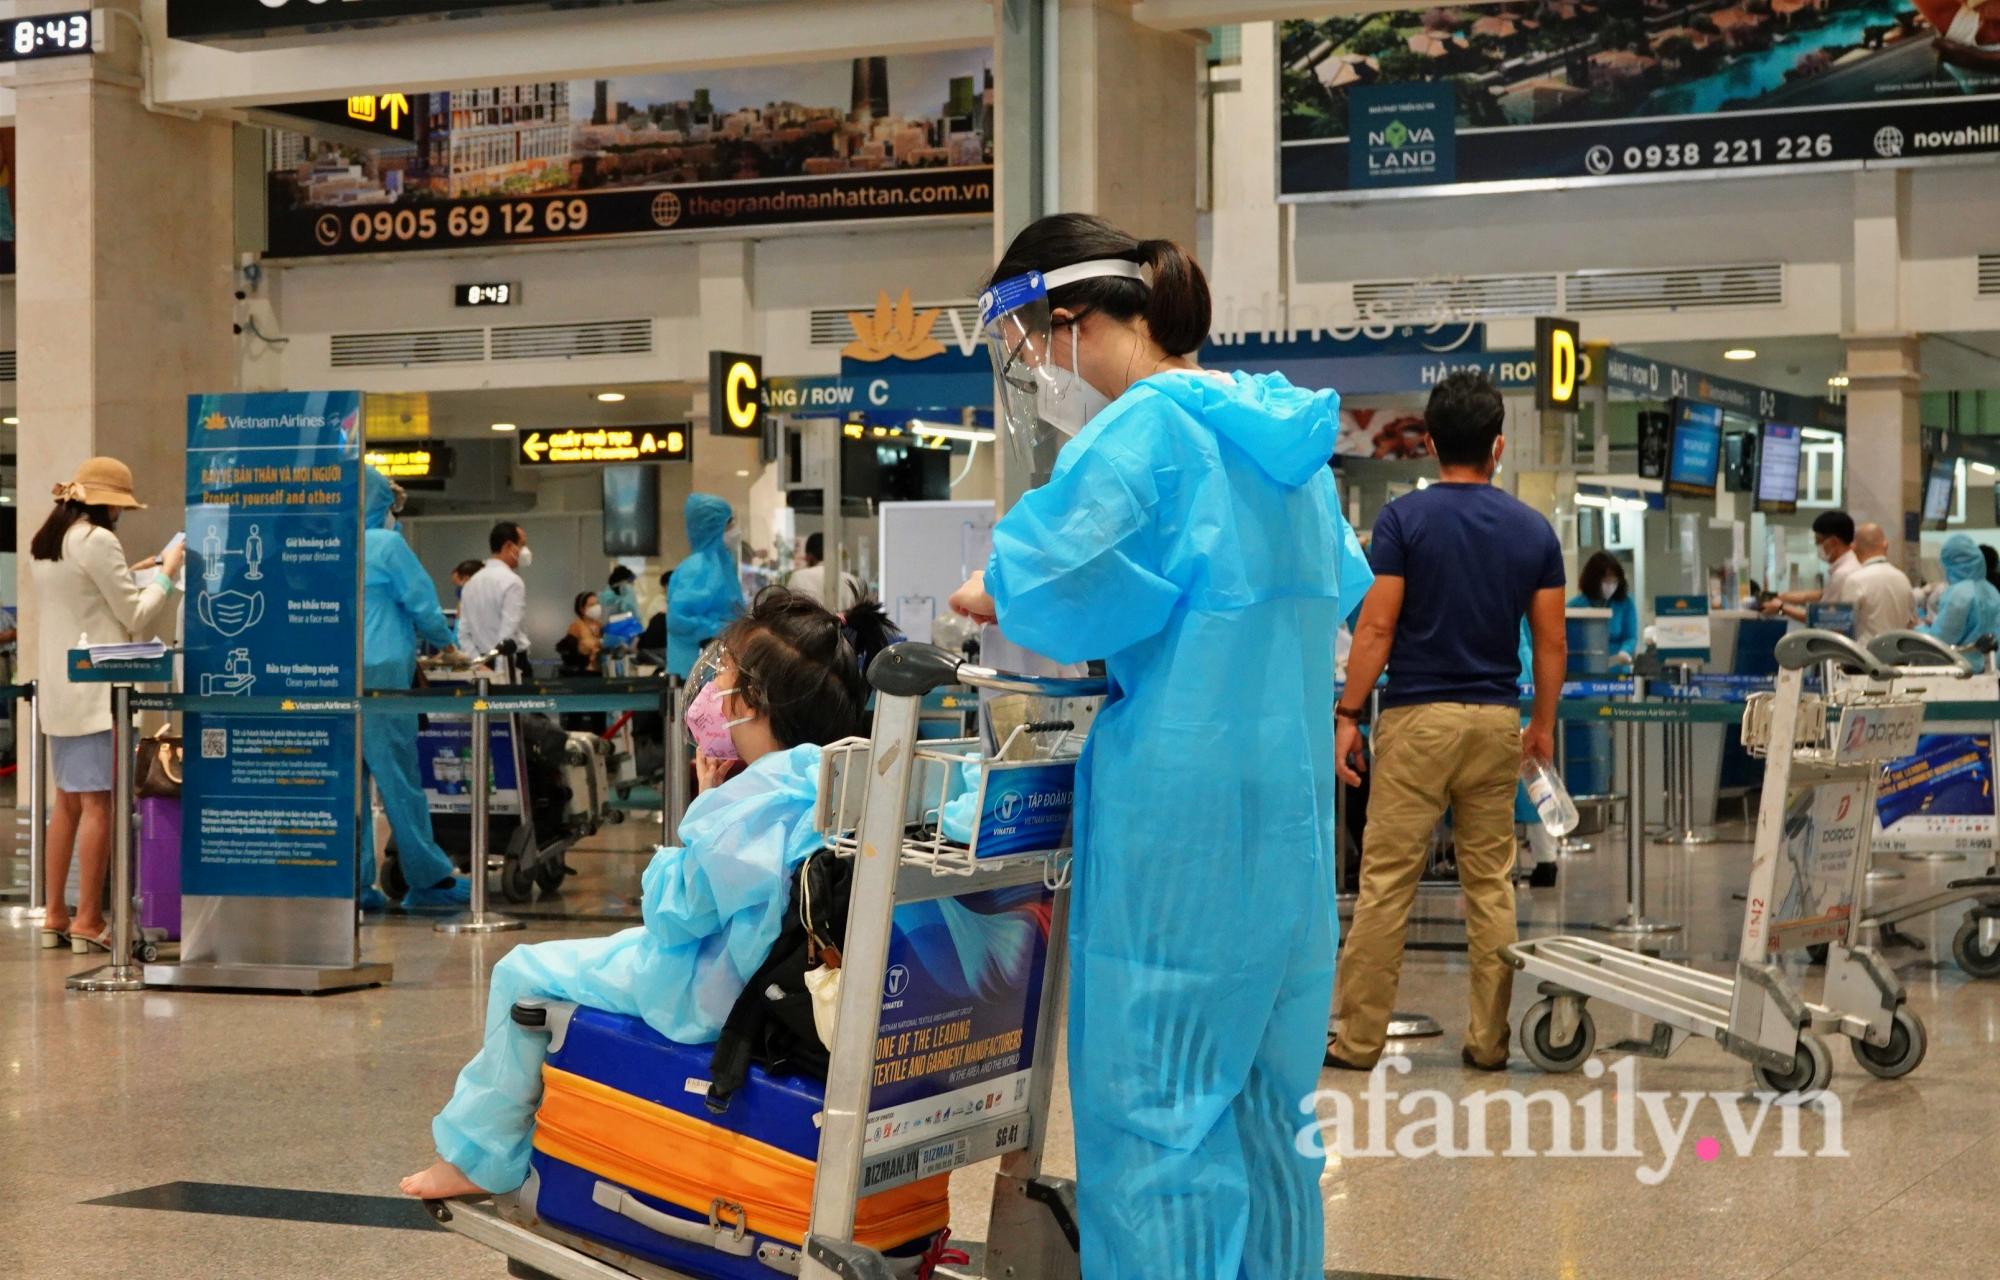 """Những chuyến bay về quê đầy thăng trầm sau hơn 4 tháng """"mắc kẹt"""" với Sài Gòn: """"Chỉ cần được về nhà, khó khăn gấp mấy tôi cũng chịu được"""" - Ảnh 5."""